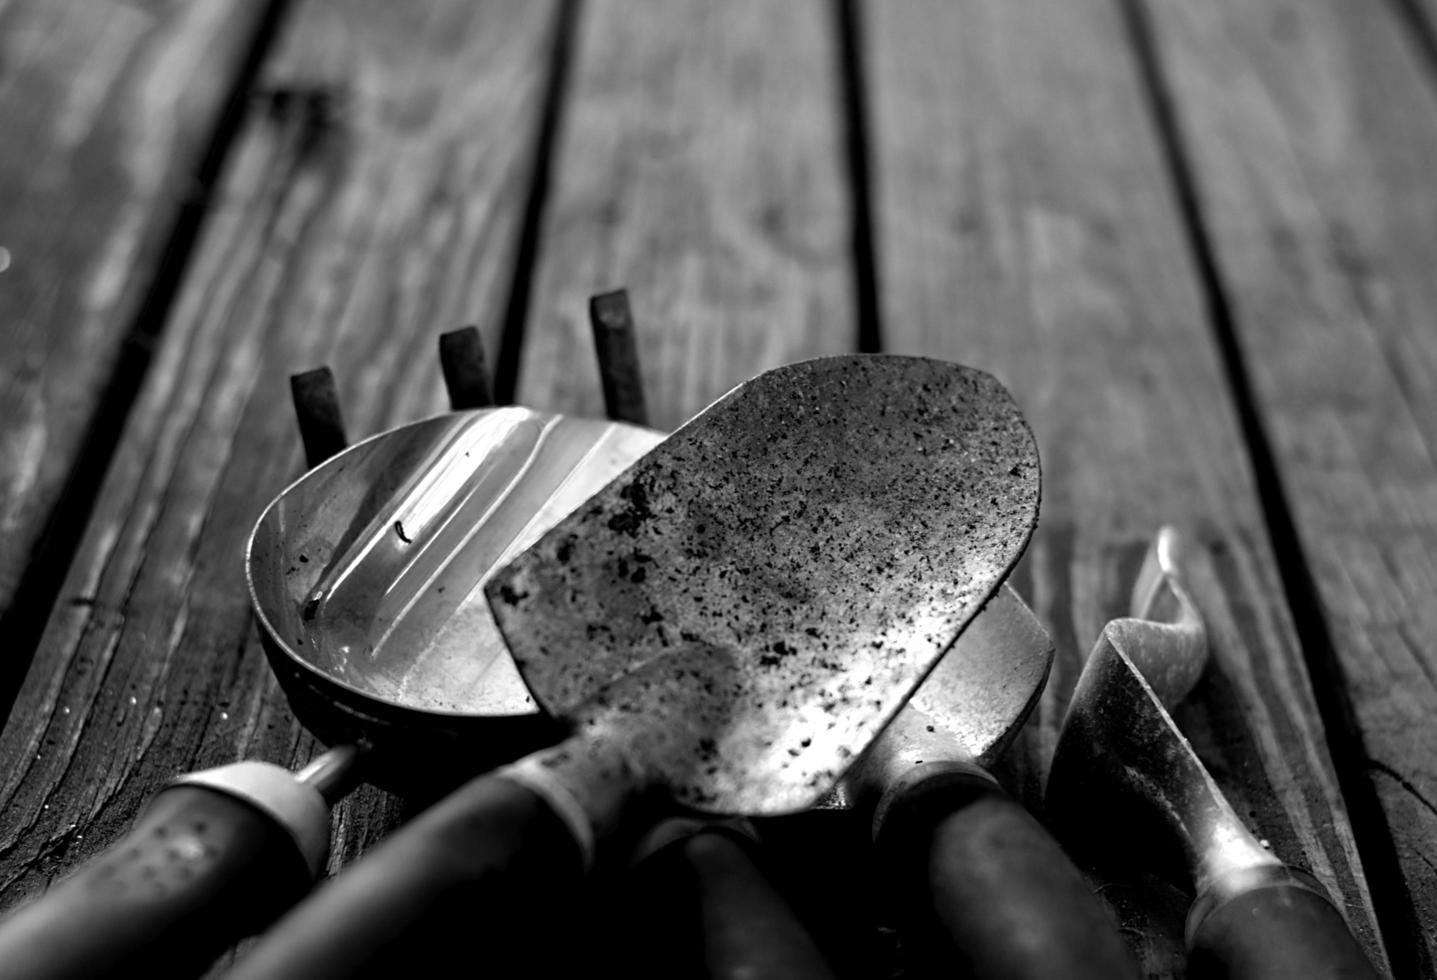 foto in scala di grigi di attrezzi da giardinaggio